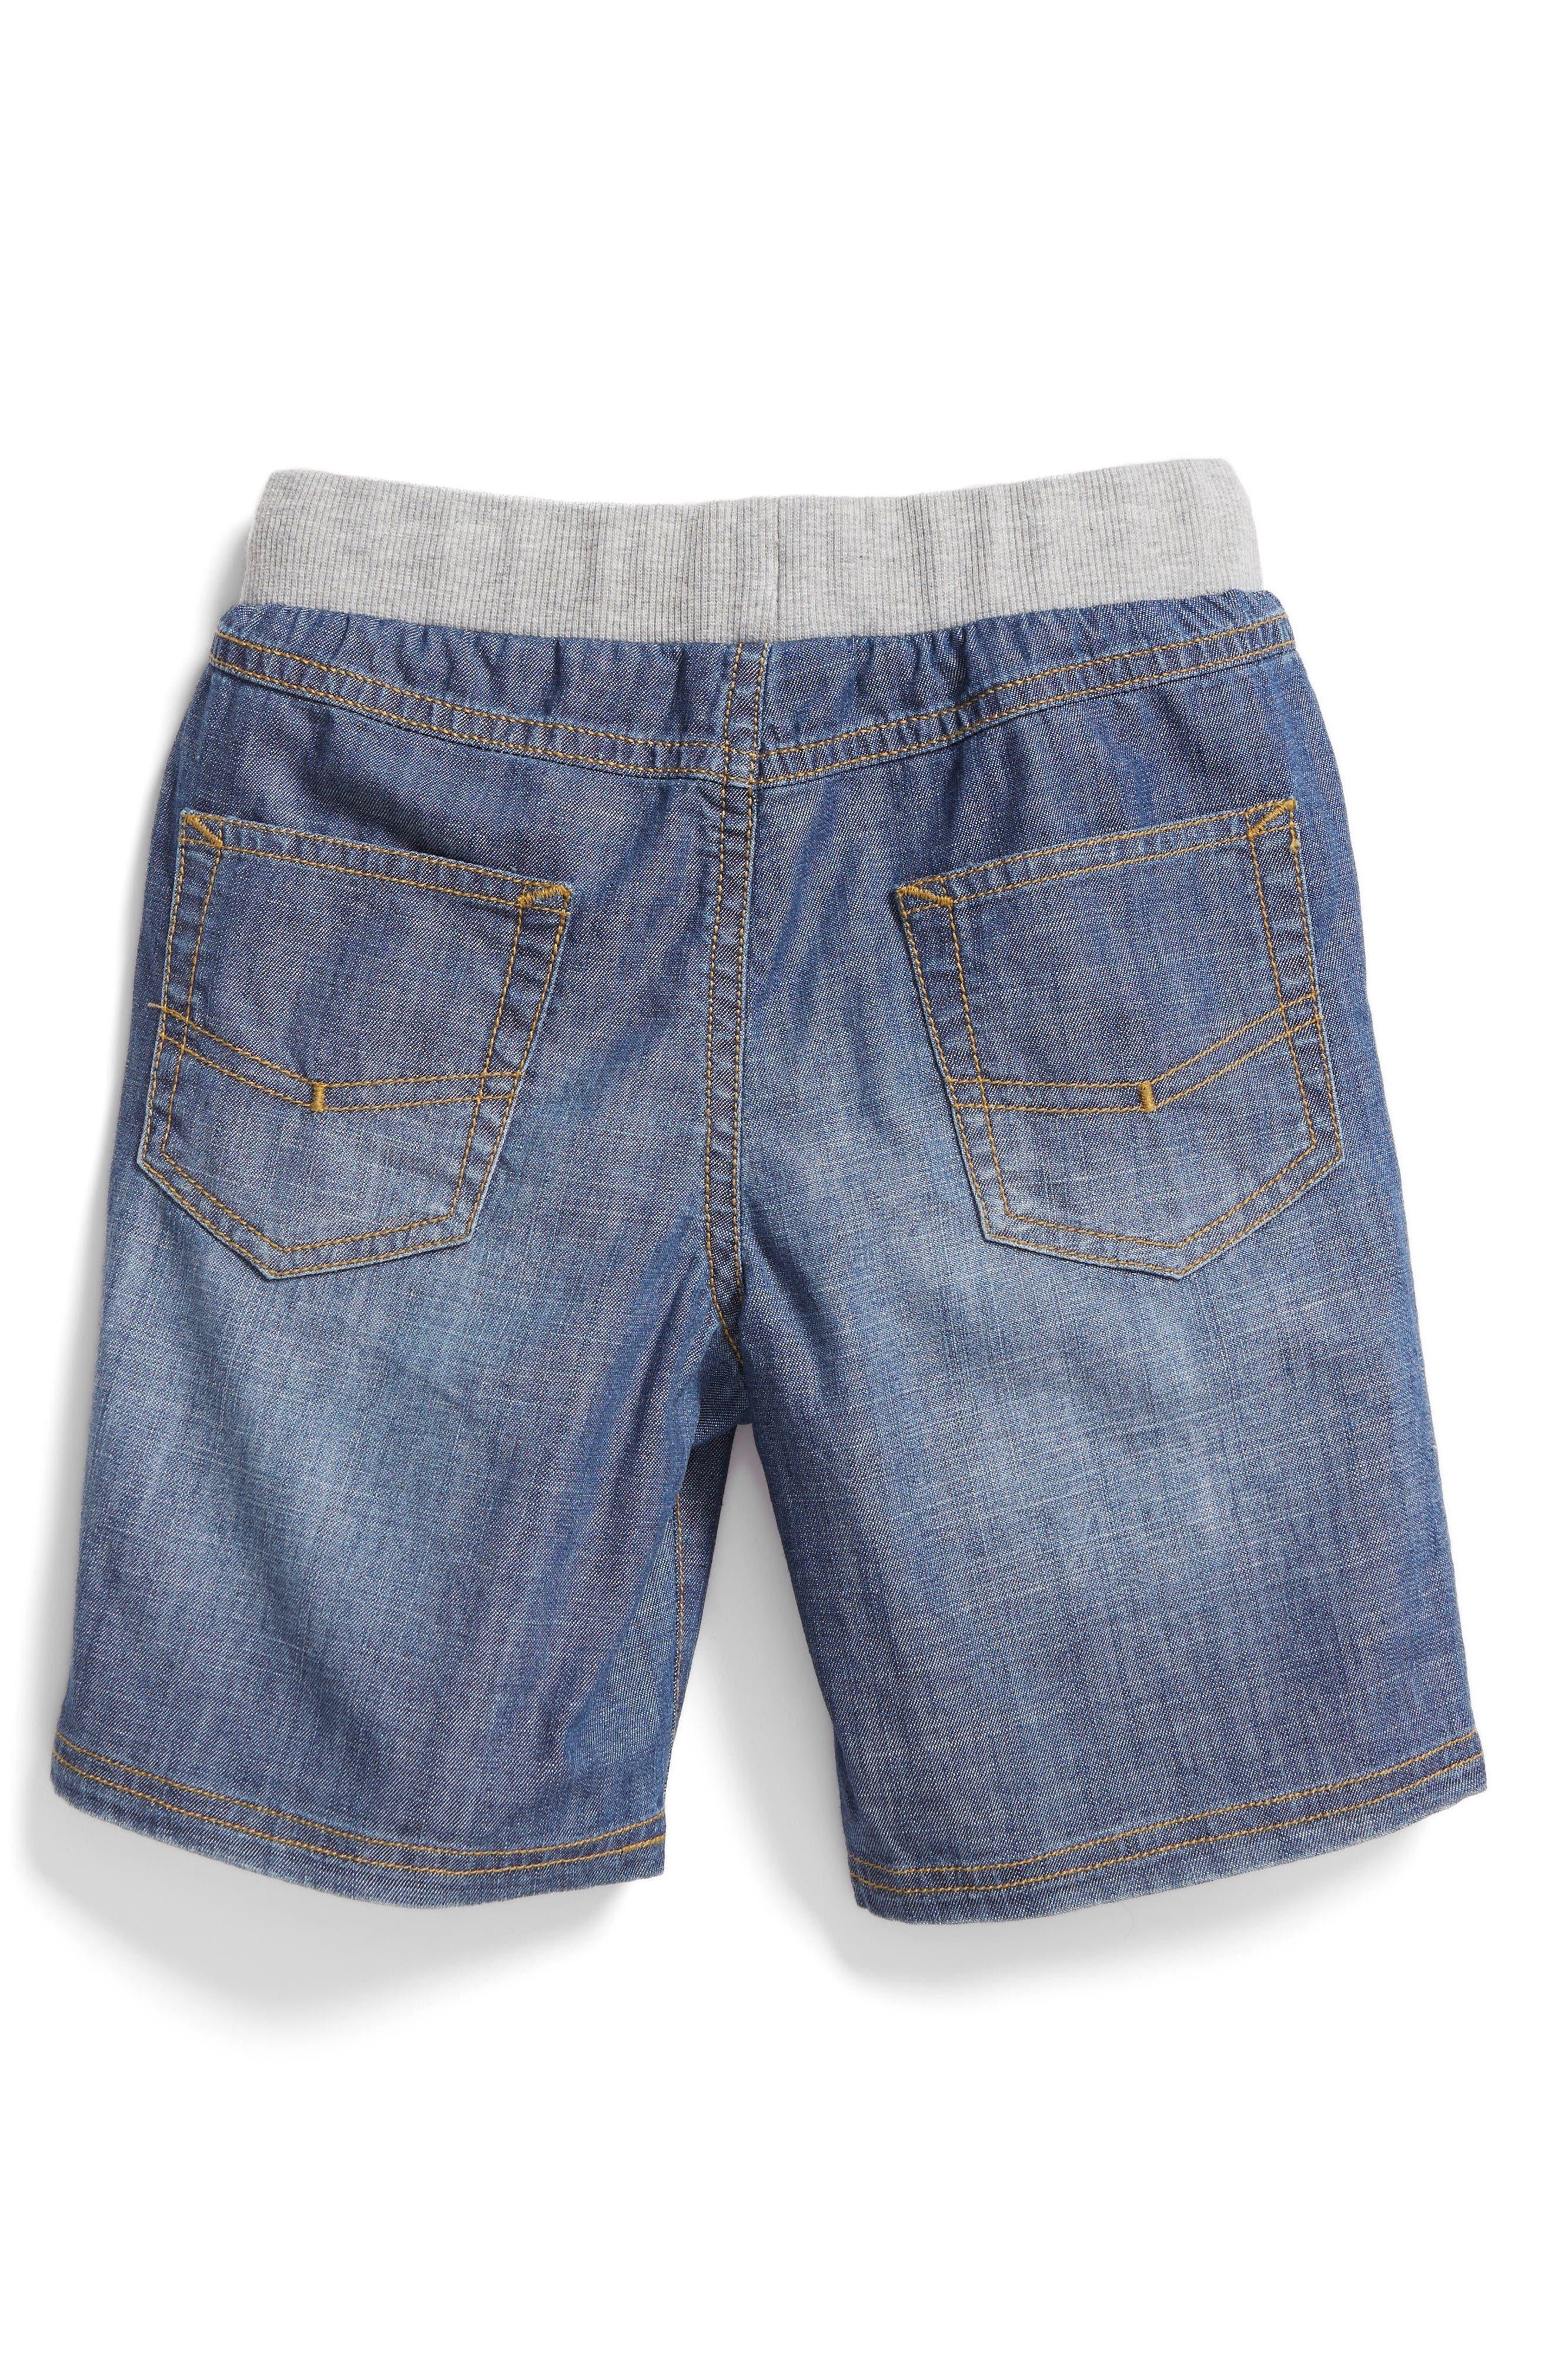 Alternate Image 2  - Tucker + Tate Denim Shorts (Toddler Boys & Little Boys)